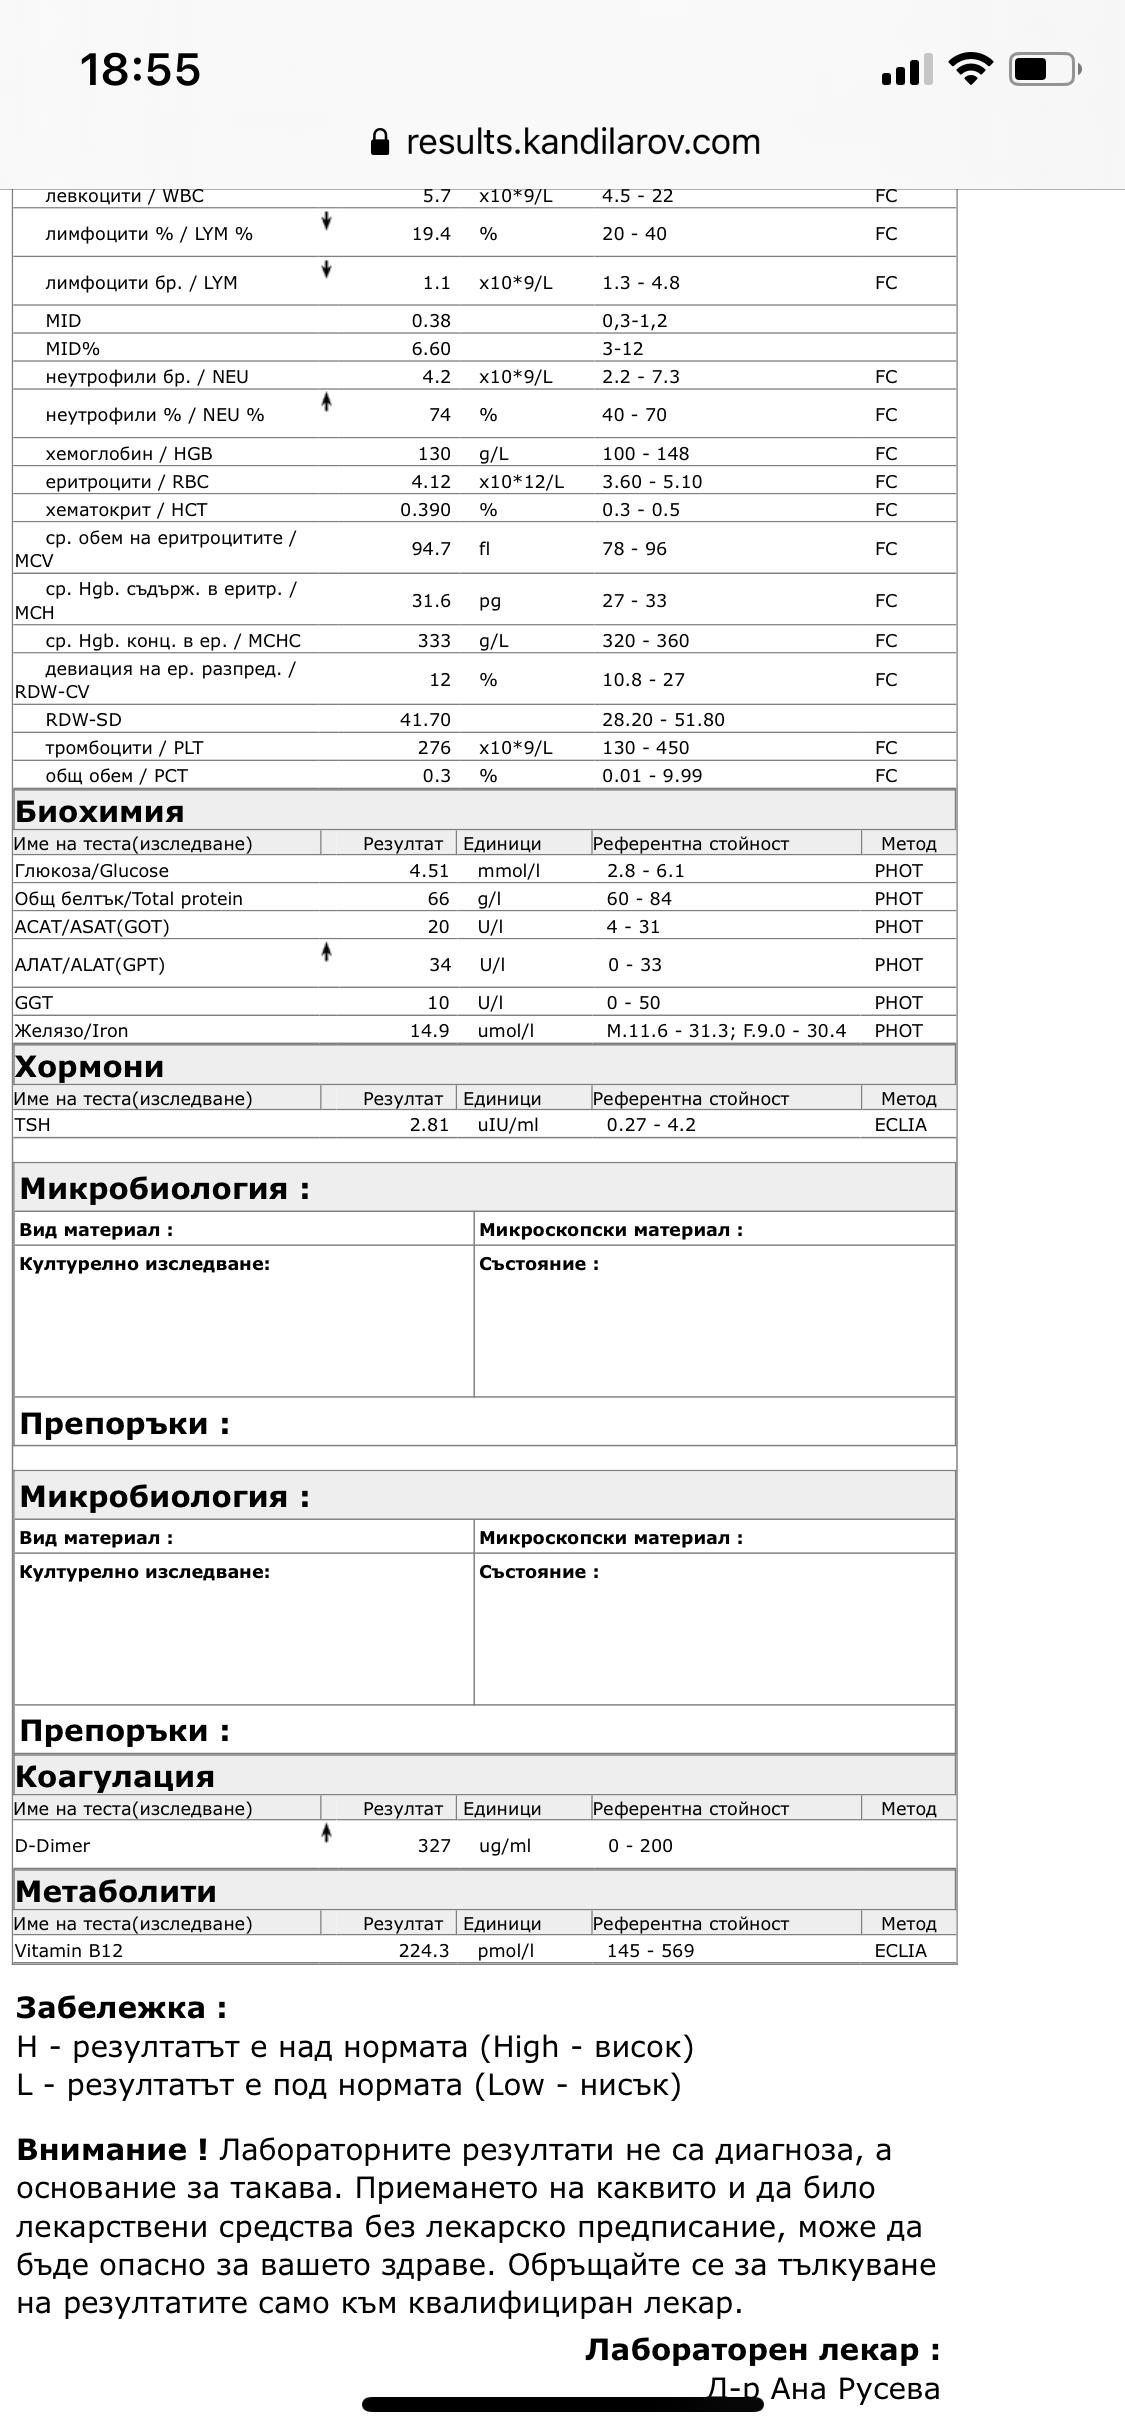 1D54A6D4-8327-43F0-8253-4D4EA64F7EC2.png